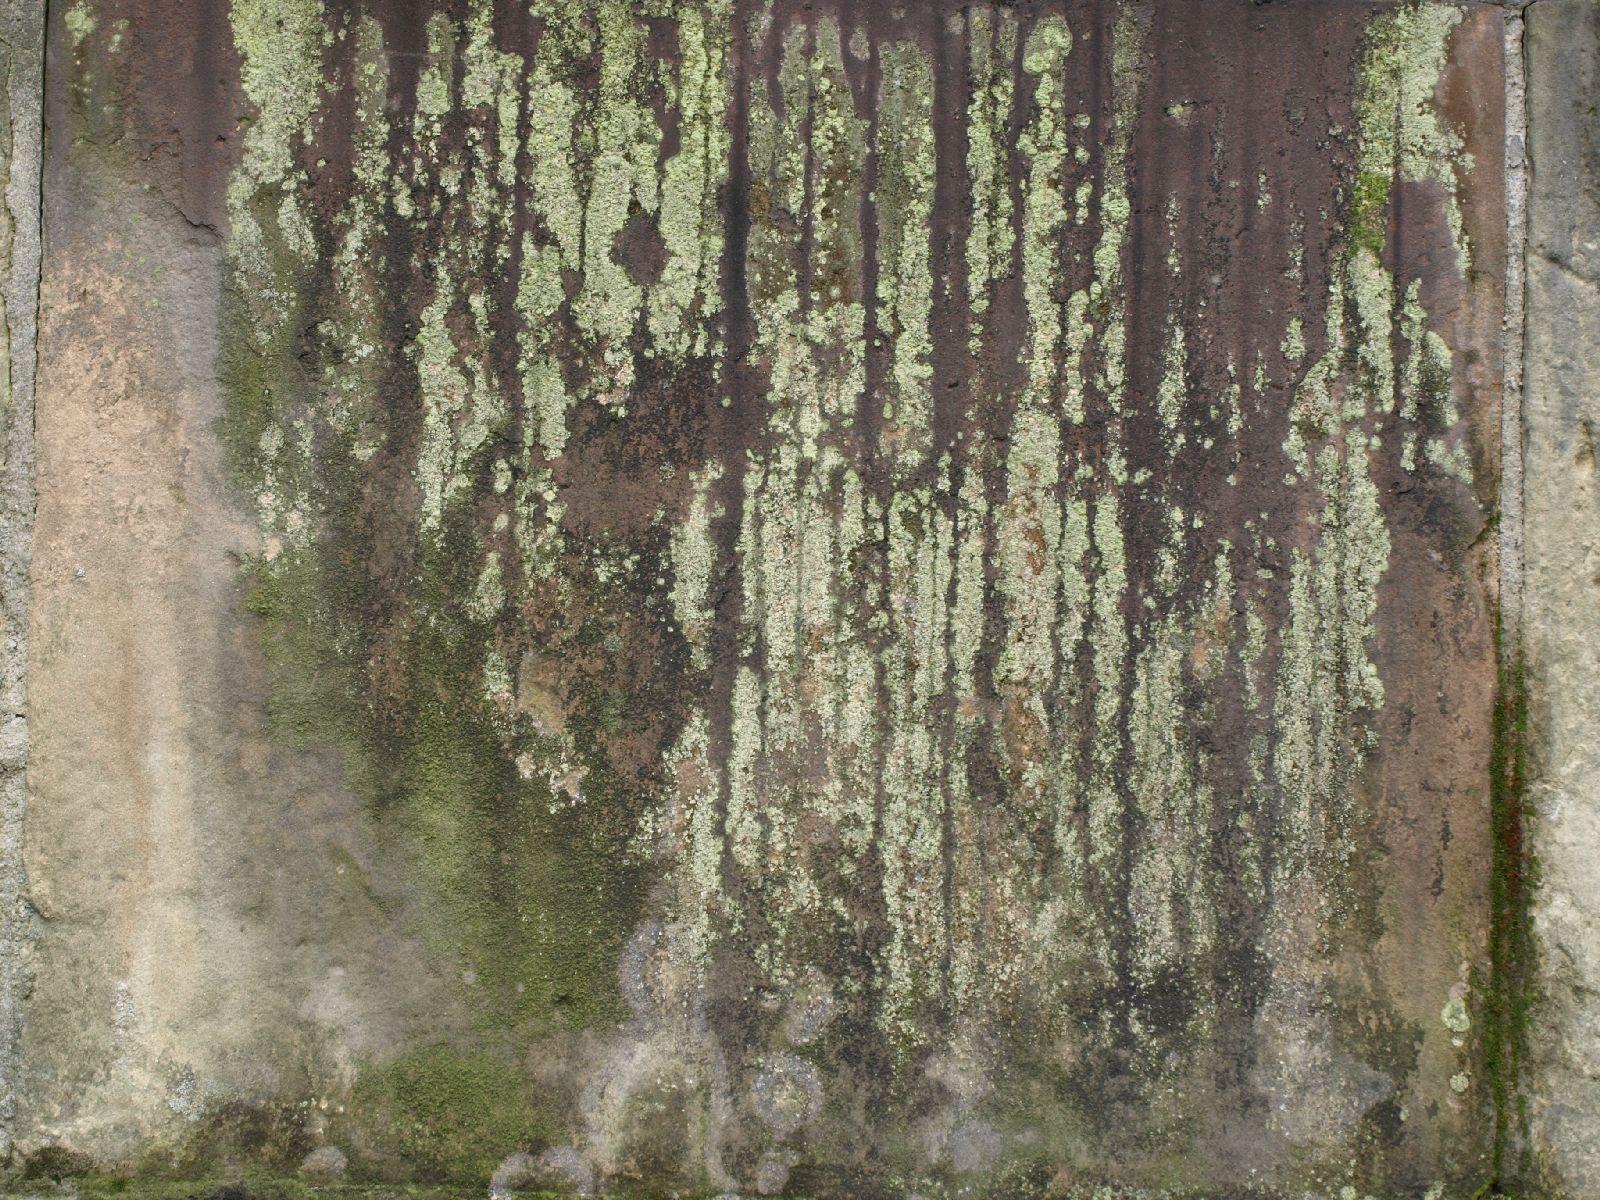 Grunge-Dreck_Textur_A_P5313172